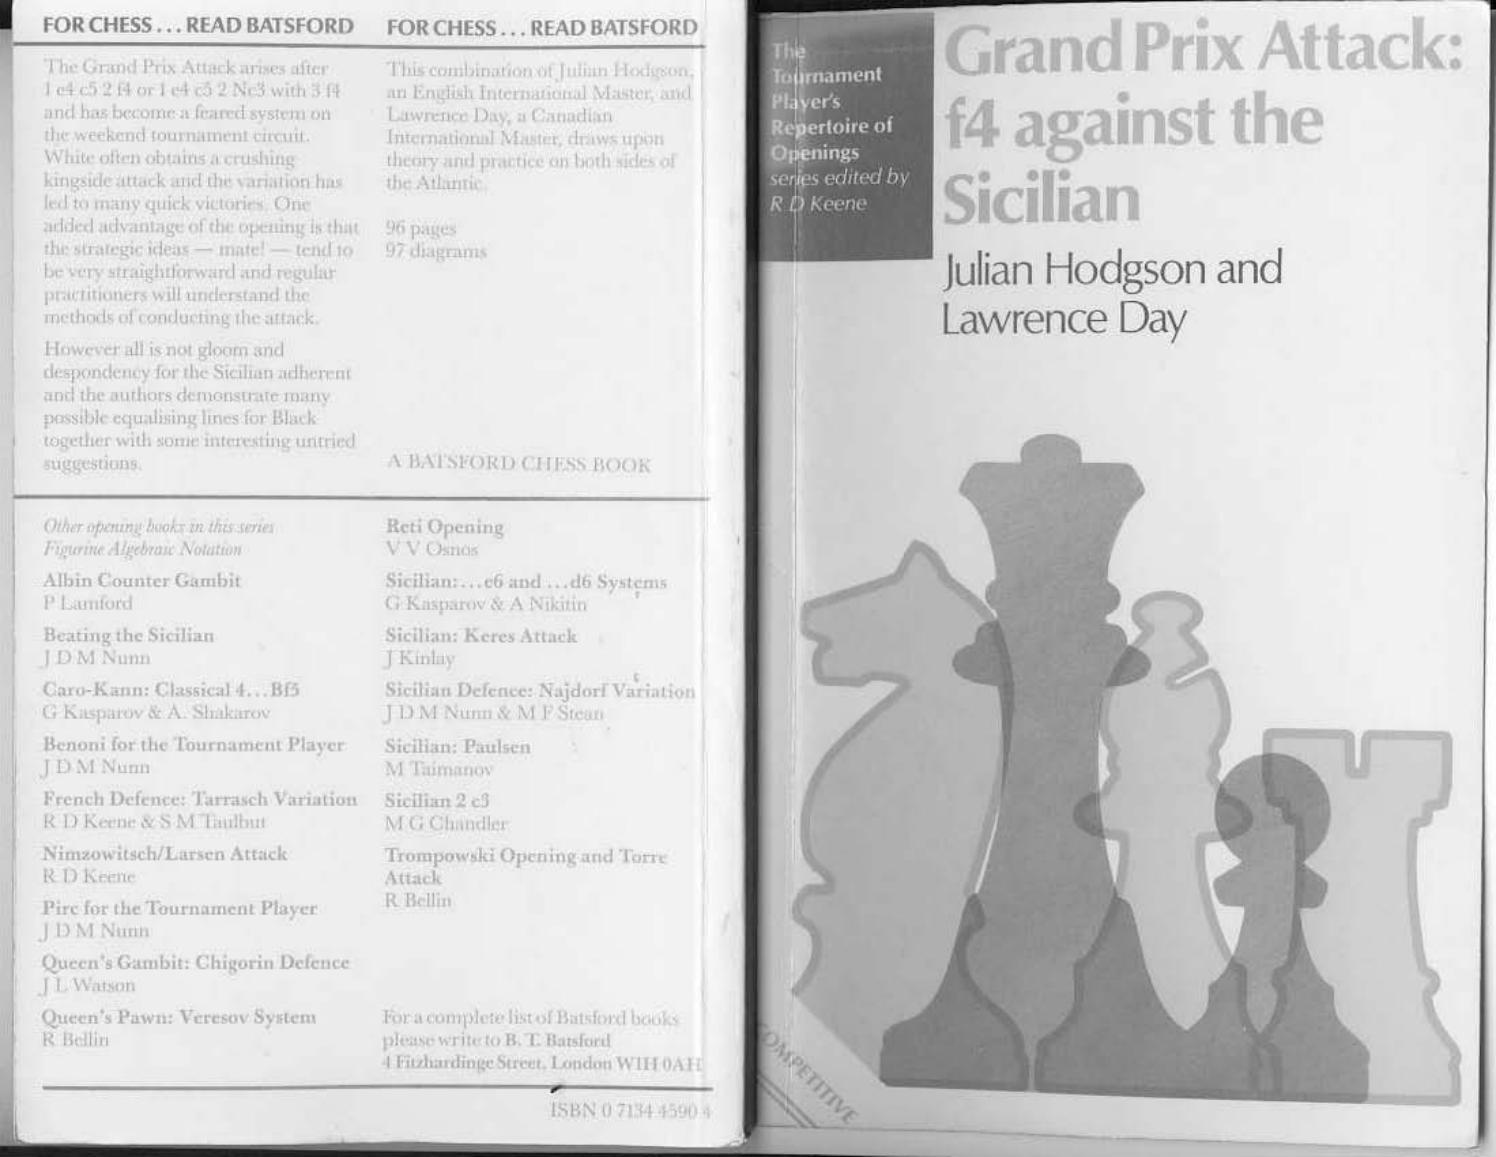 Hodgson, julian & day, lawrence grand prix attack f4 against the sicilian